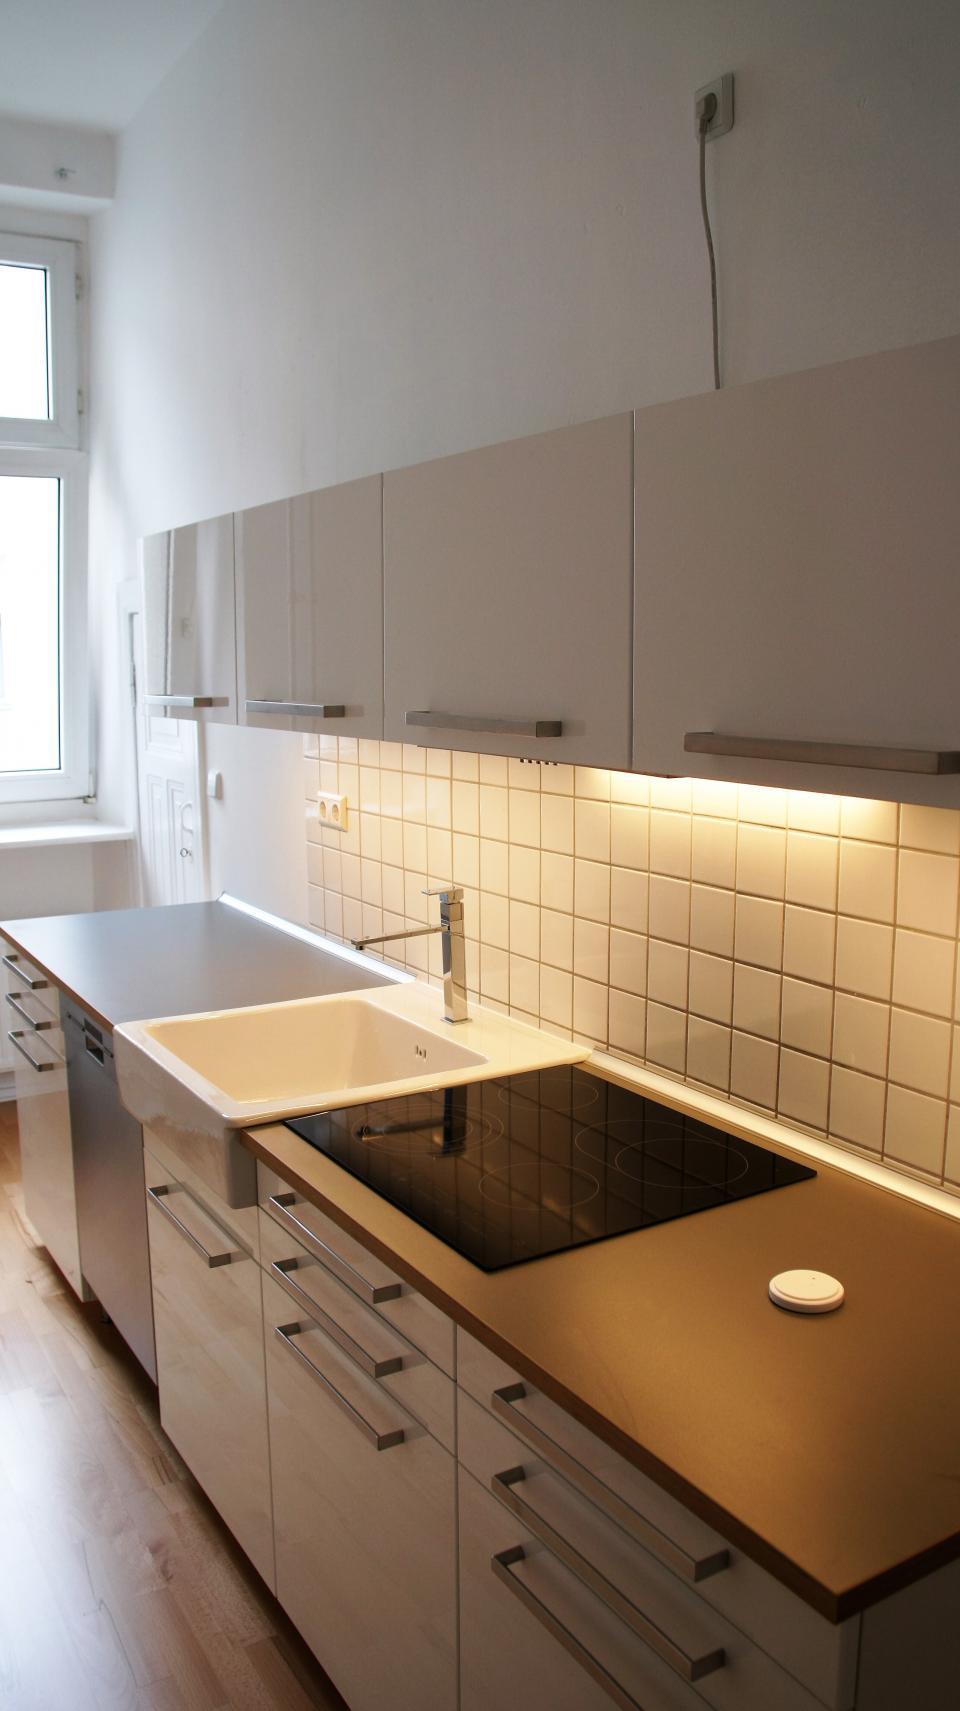 Ungewöhnlich Handwerker Küchenbeleuchtung Galerie - Ideen Für Die ...